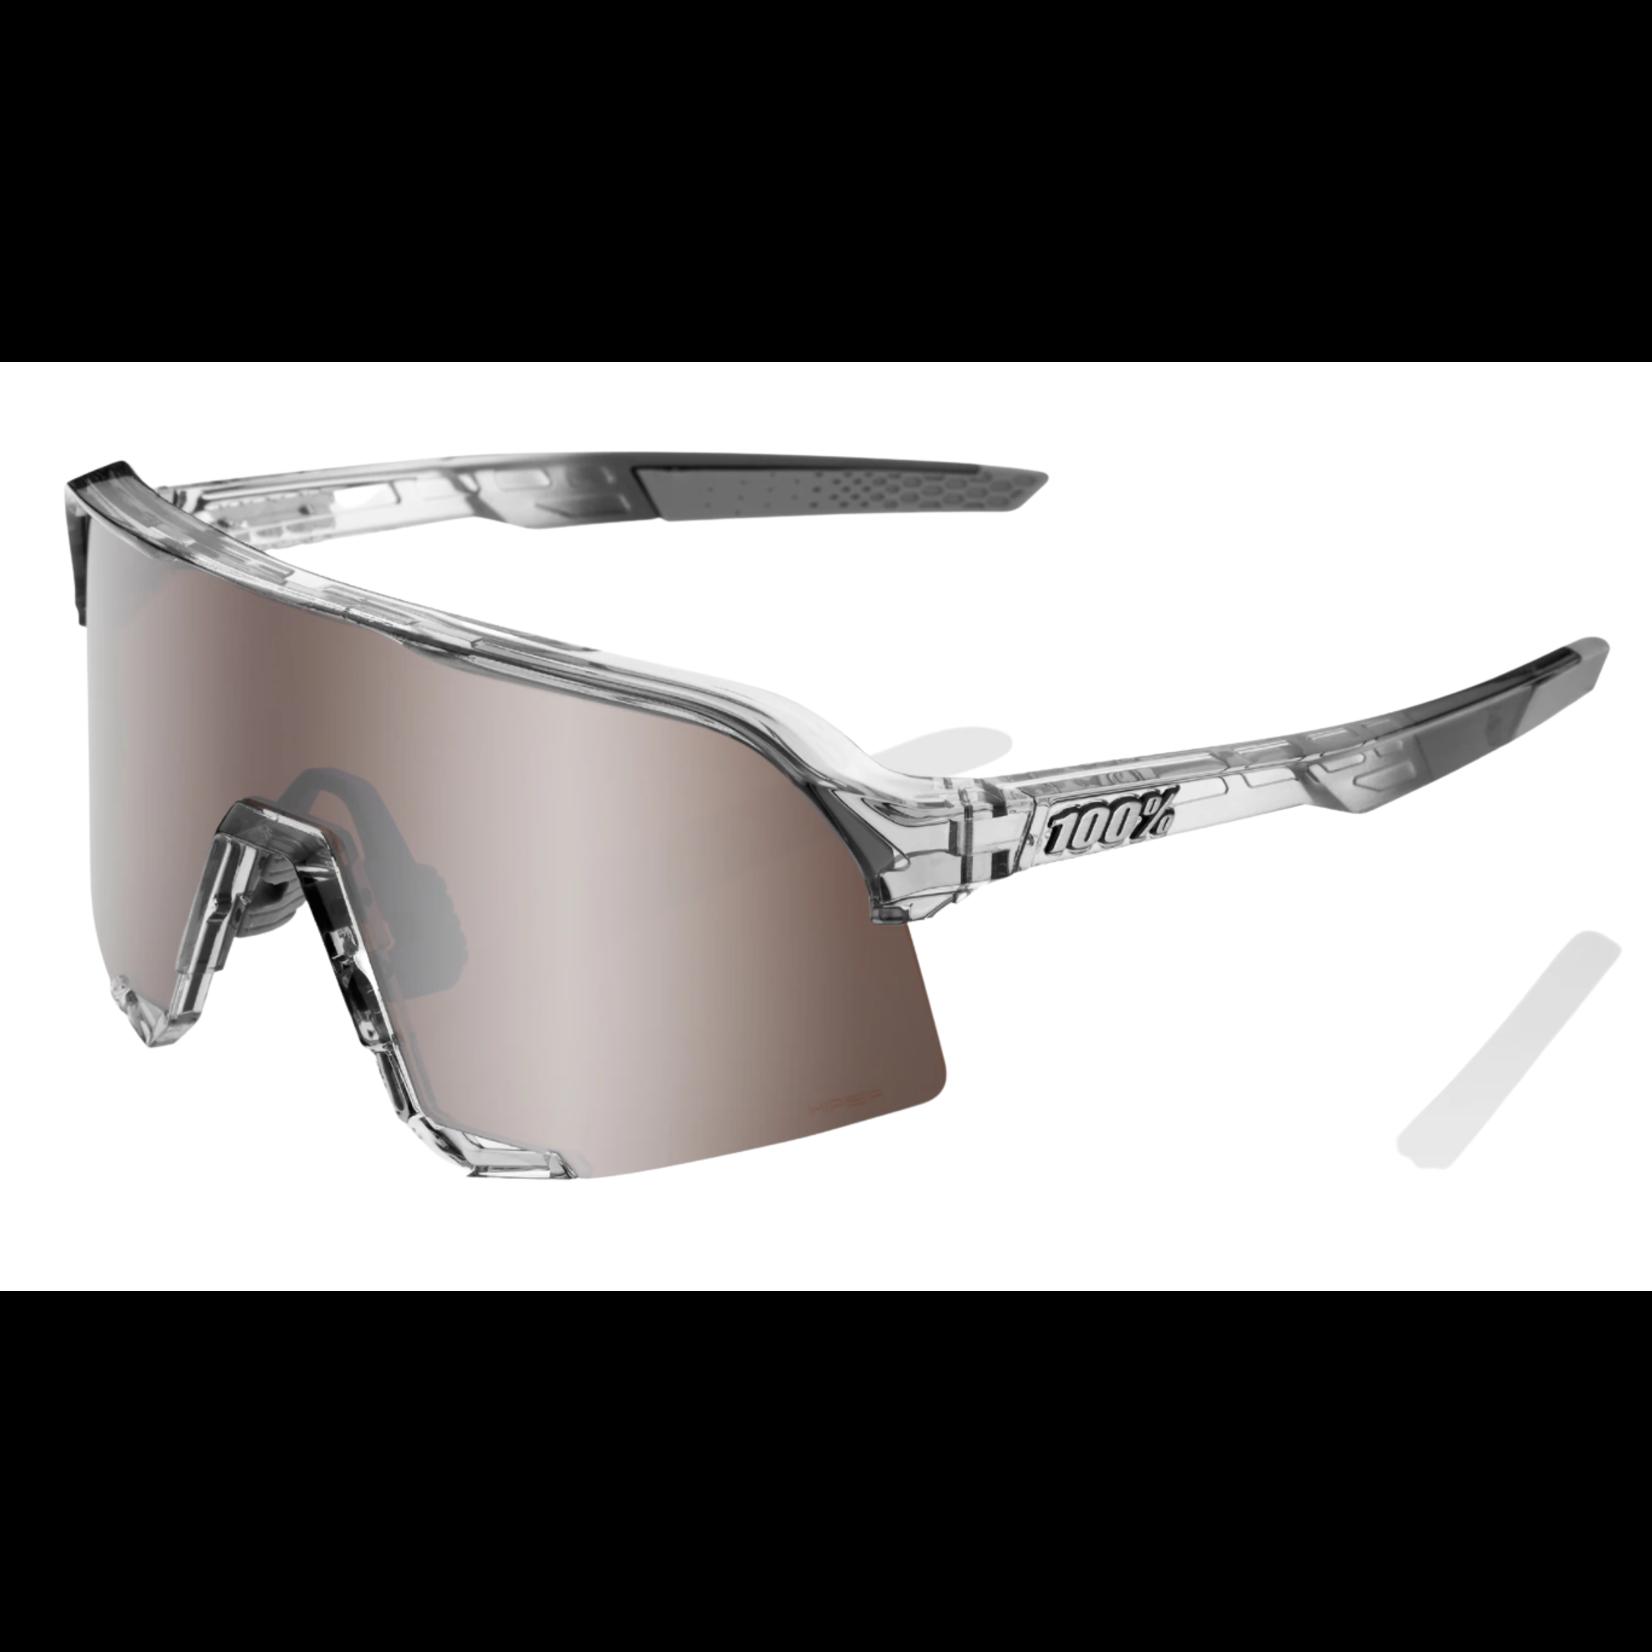 100 Percent 100% S3 Glasses